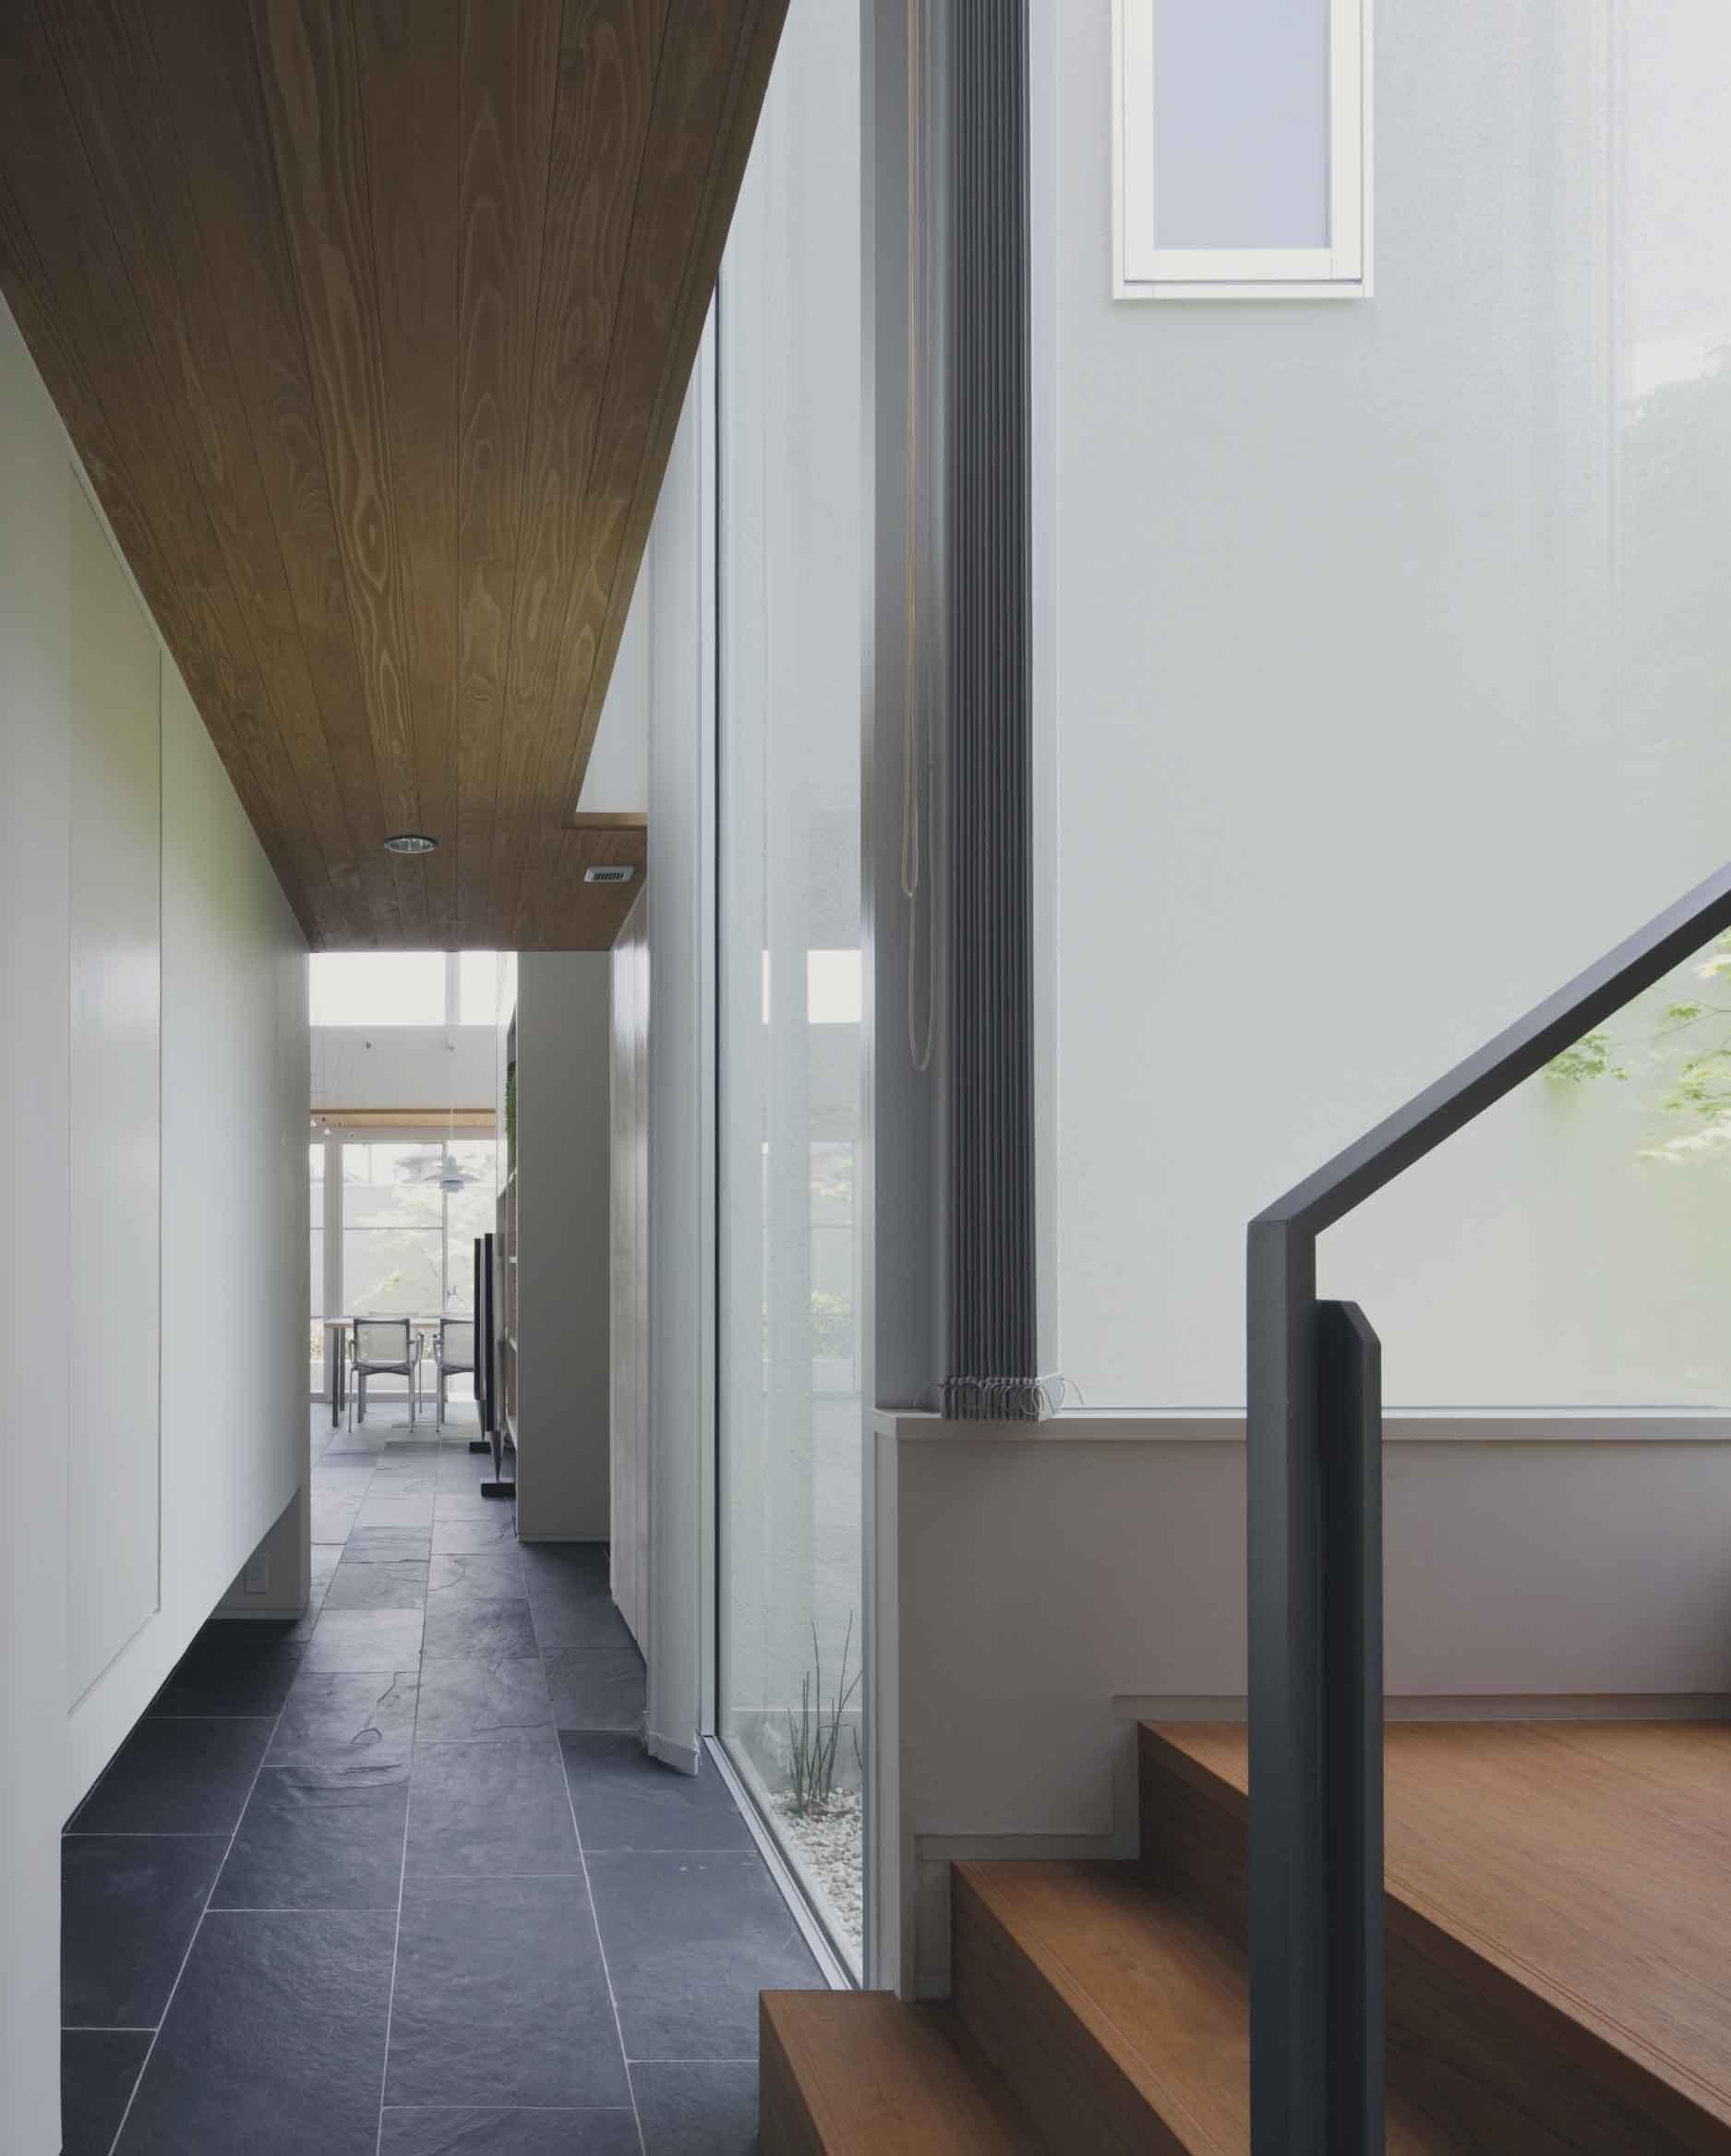 玄関事例:玄関ホール突き当りの二階への階段まわりの様子(ミッドセンチュリーテイスト 成城にてゆったりと住まう)